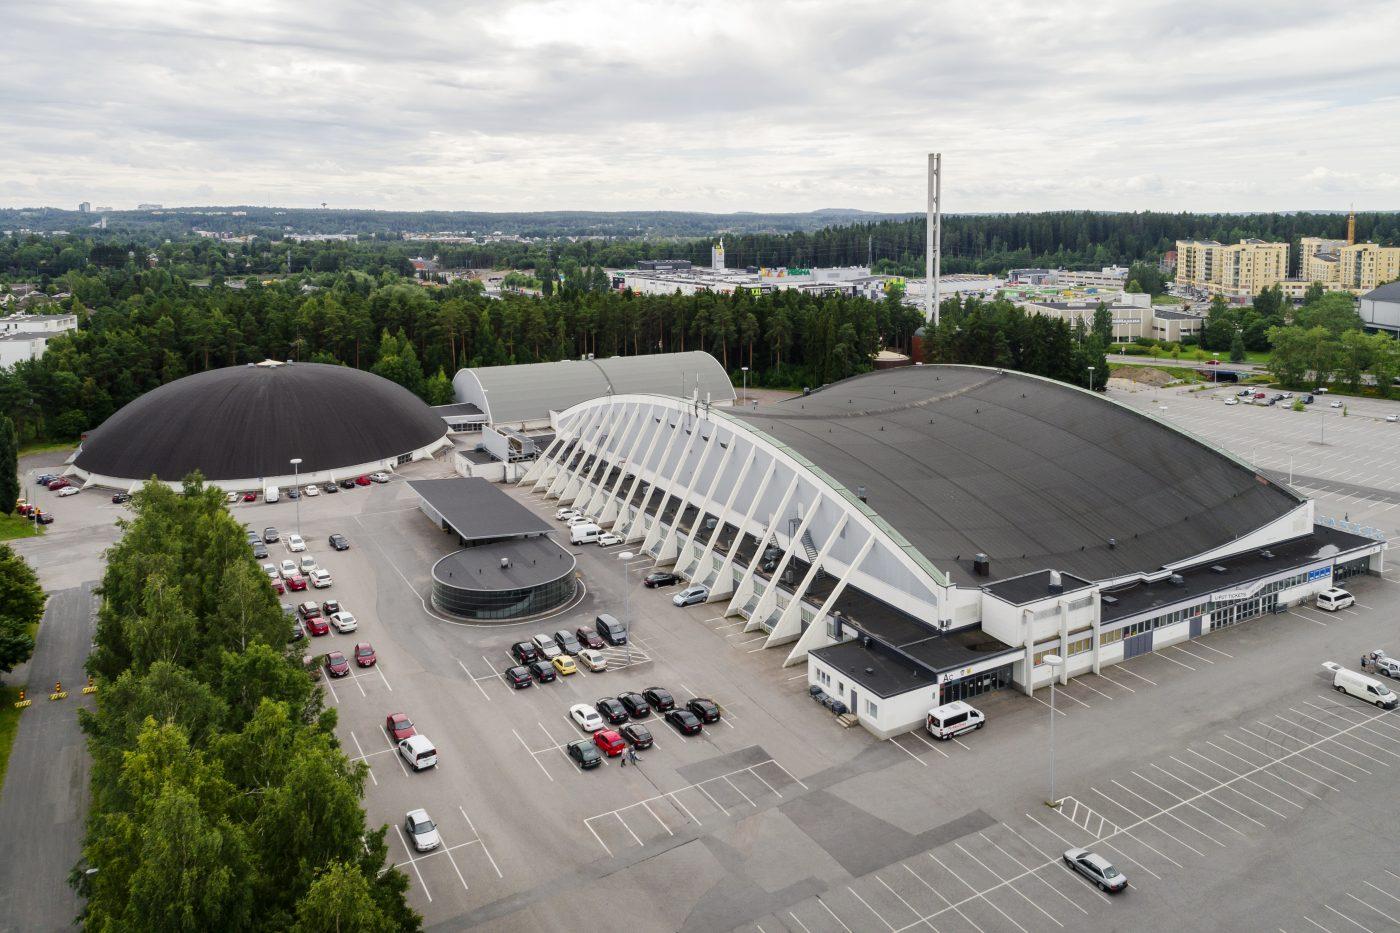 Hakametsän Jäähalli